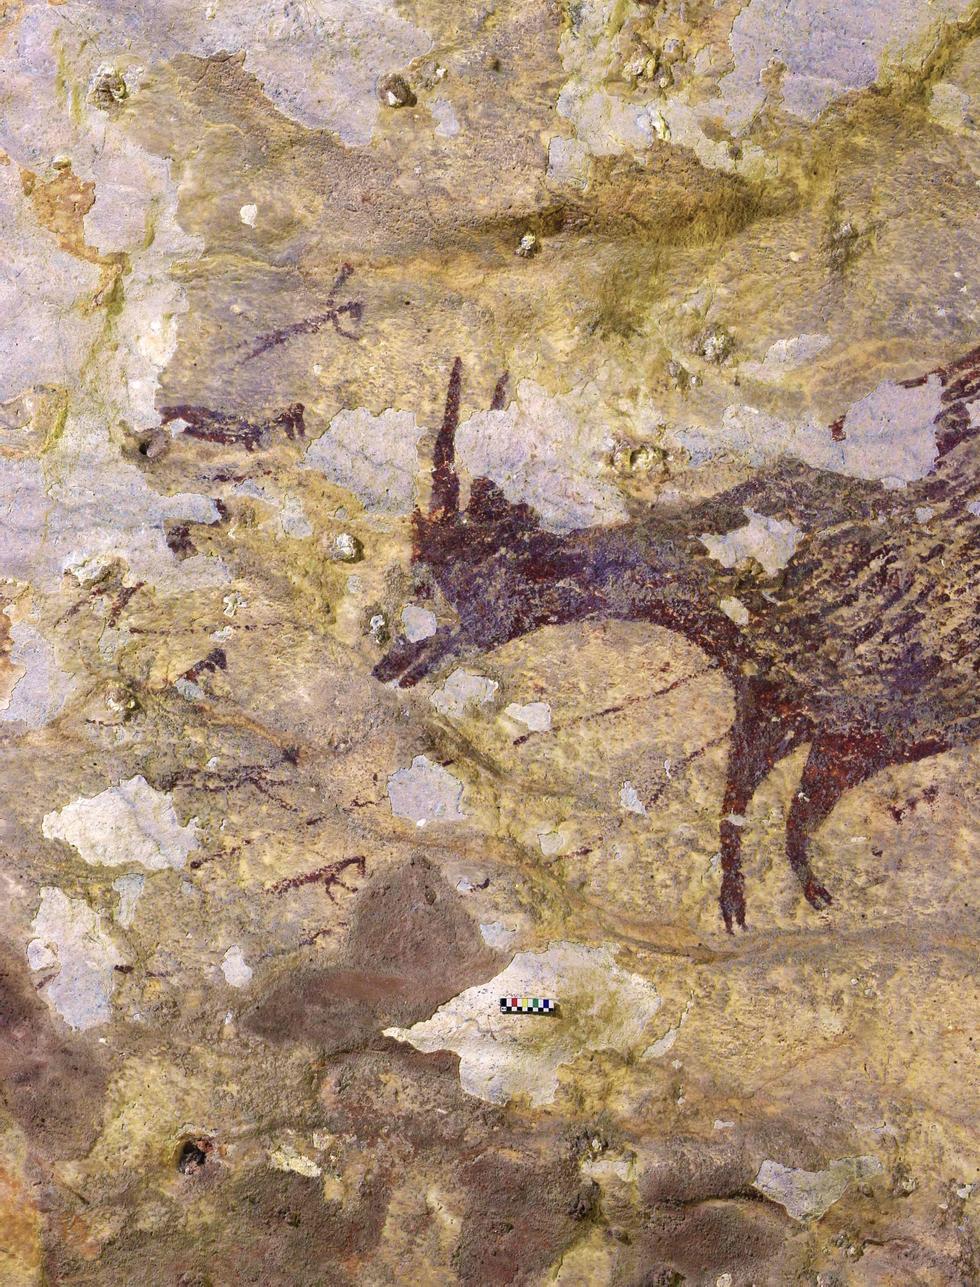 Verdens eldste jegertegninger funnet i hule